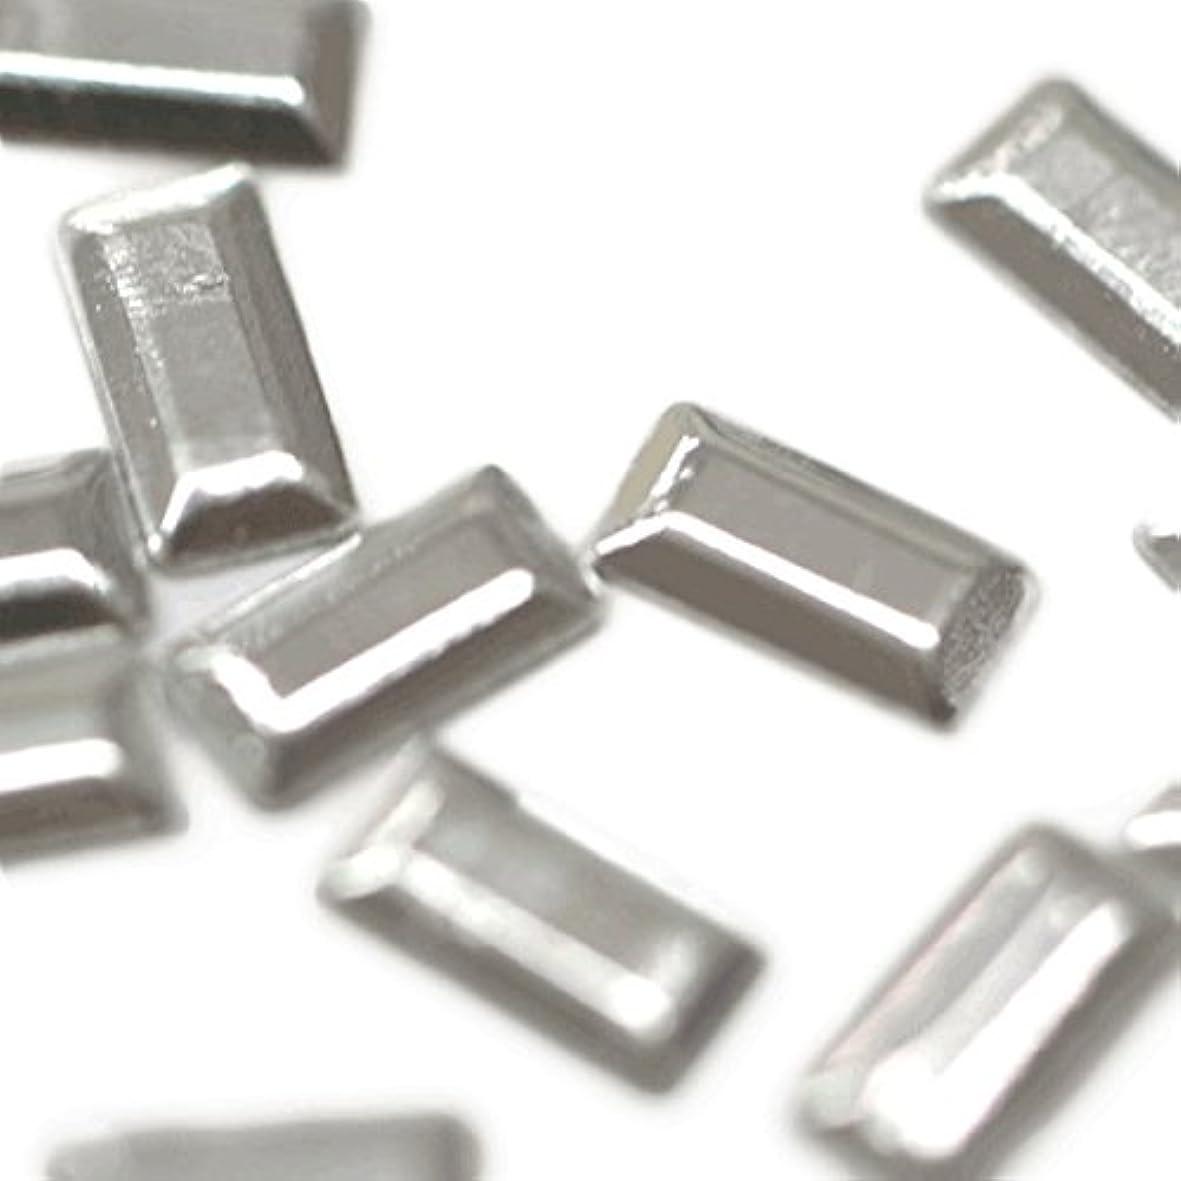 枯渇複製する彫刻メタルスタッズ 2mm×5mm レクタングル シルバー 約20粒